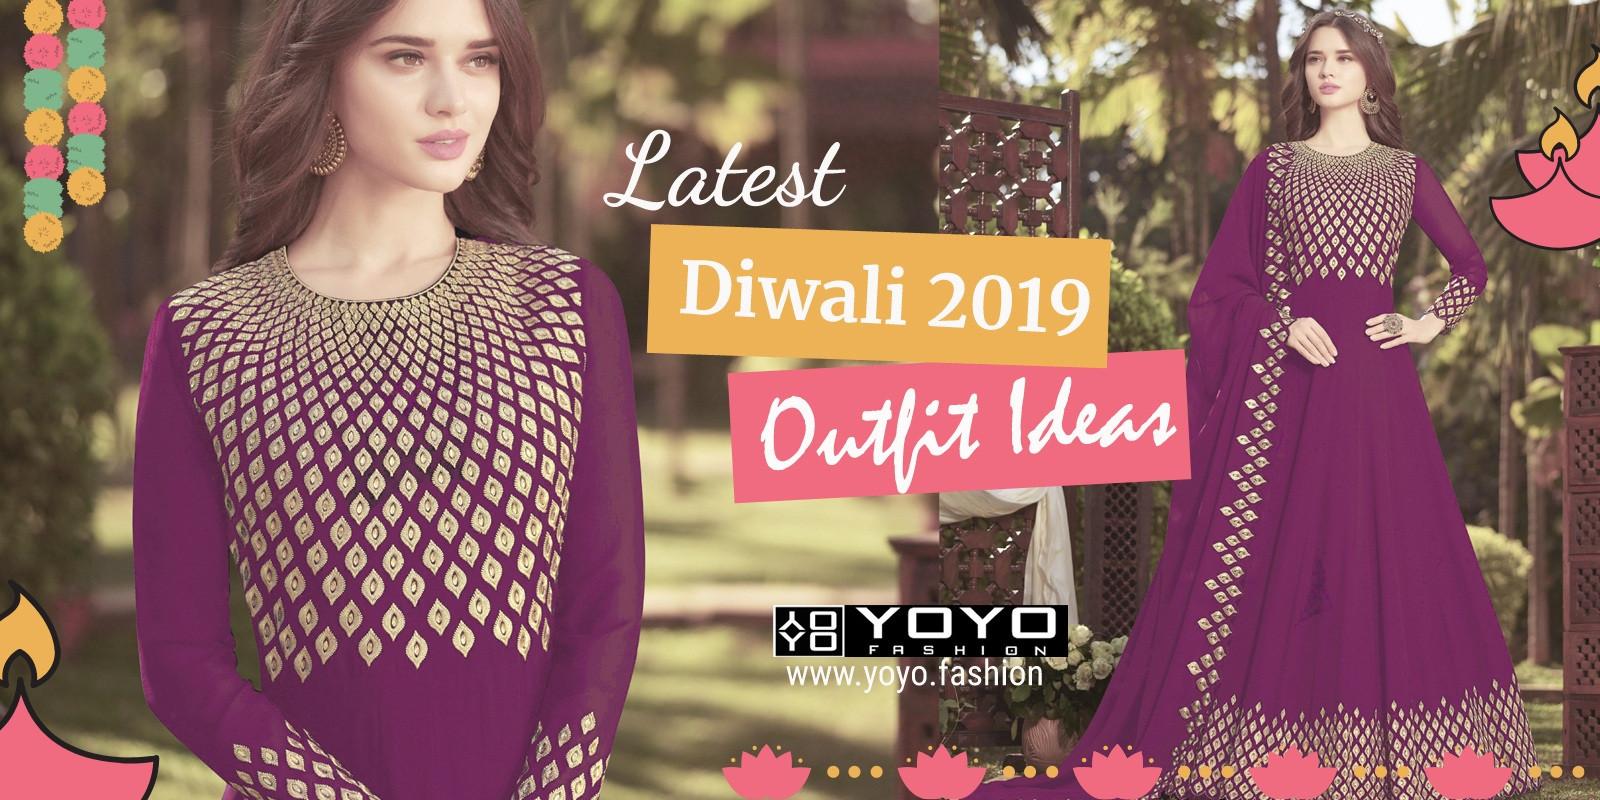 Latest Diwali 2019 Outfit Ideas for Women - YOYO Fashion